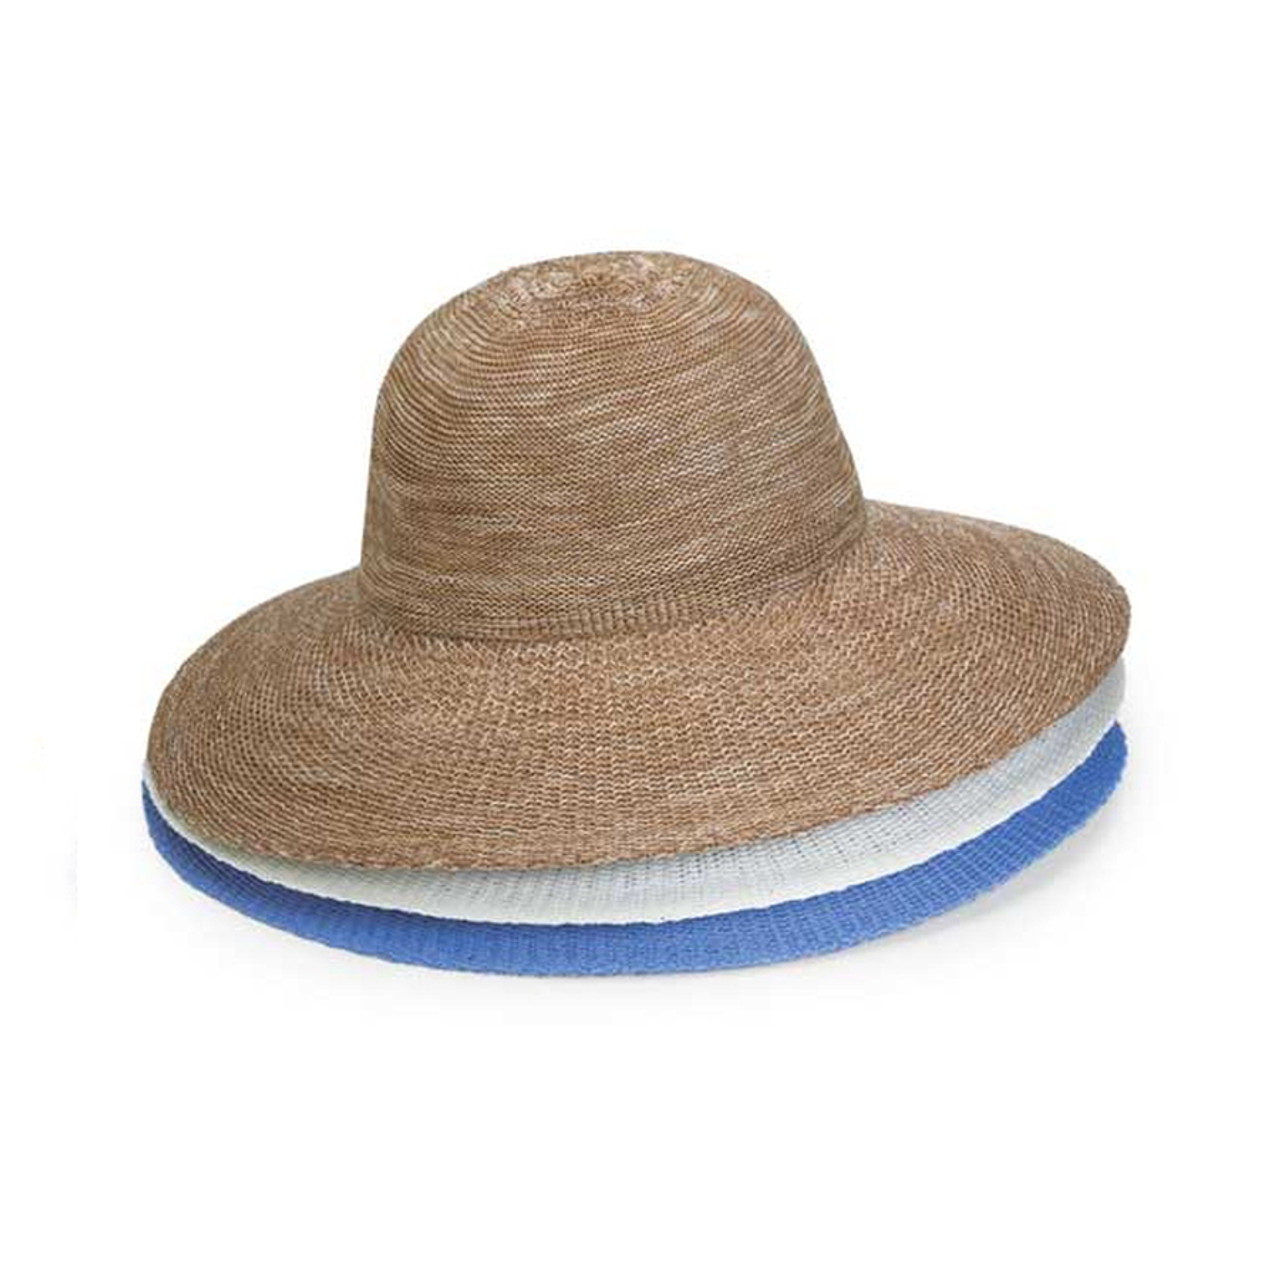 7d8a06aae Wallaroo Victoria Sun Hats (10 colors)